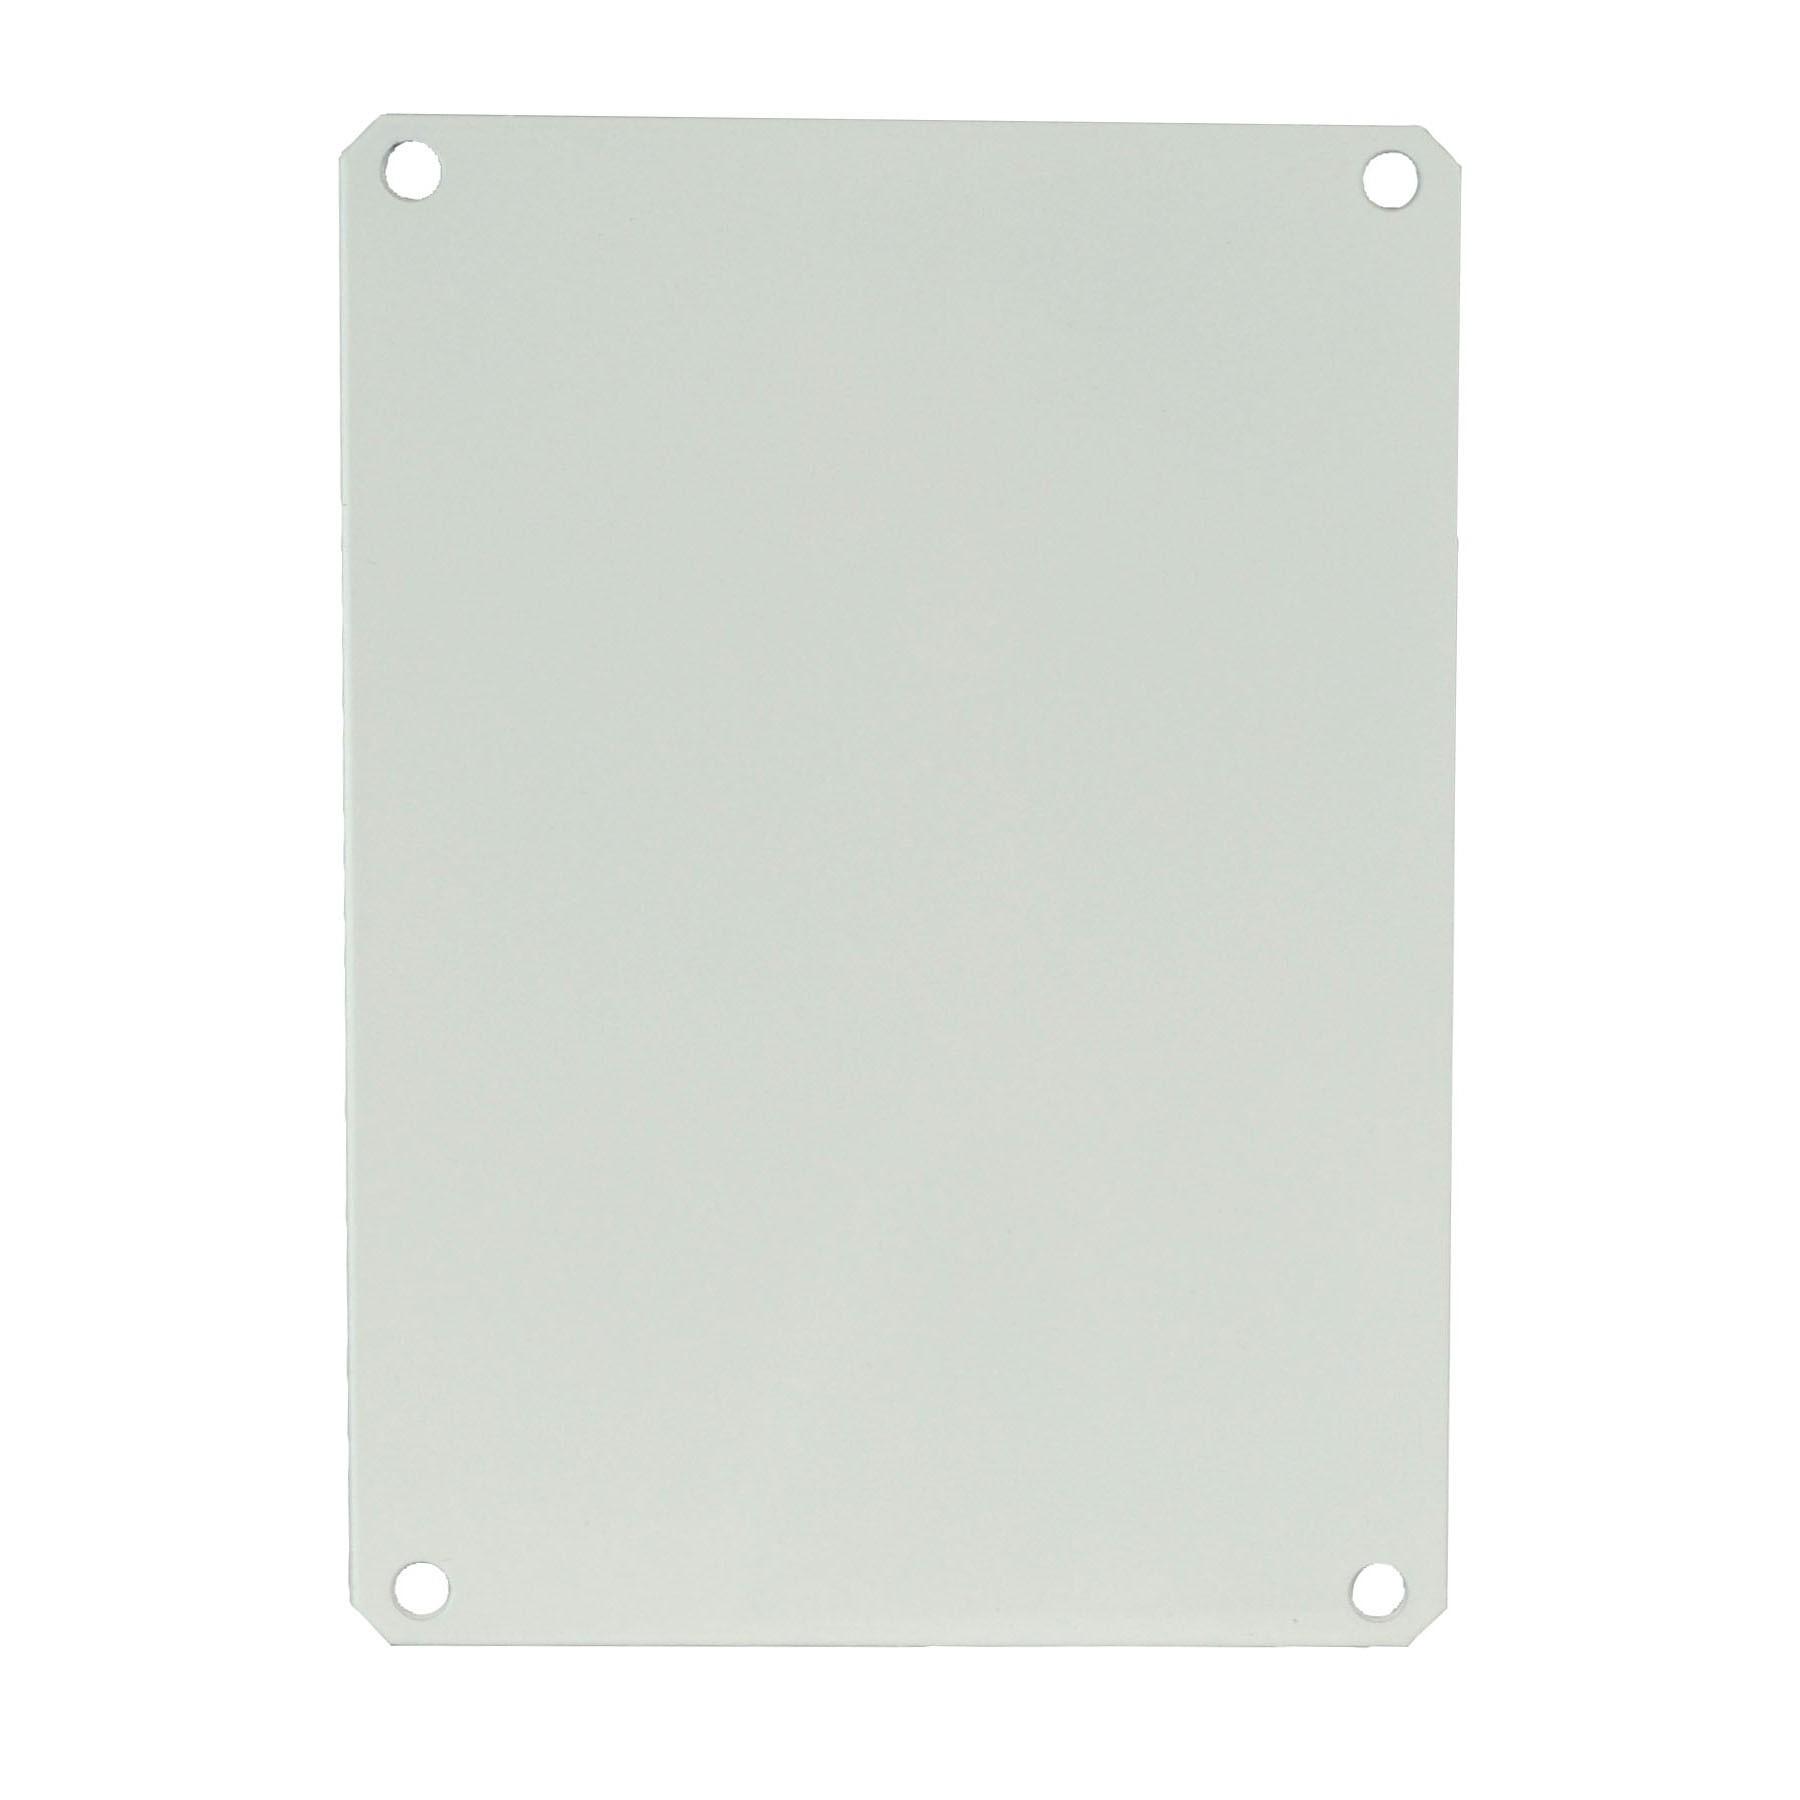 PL120 - Carbon Steel Enclosure Back Panel Kit